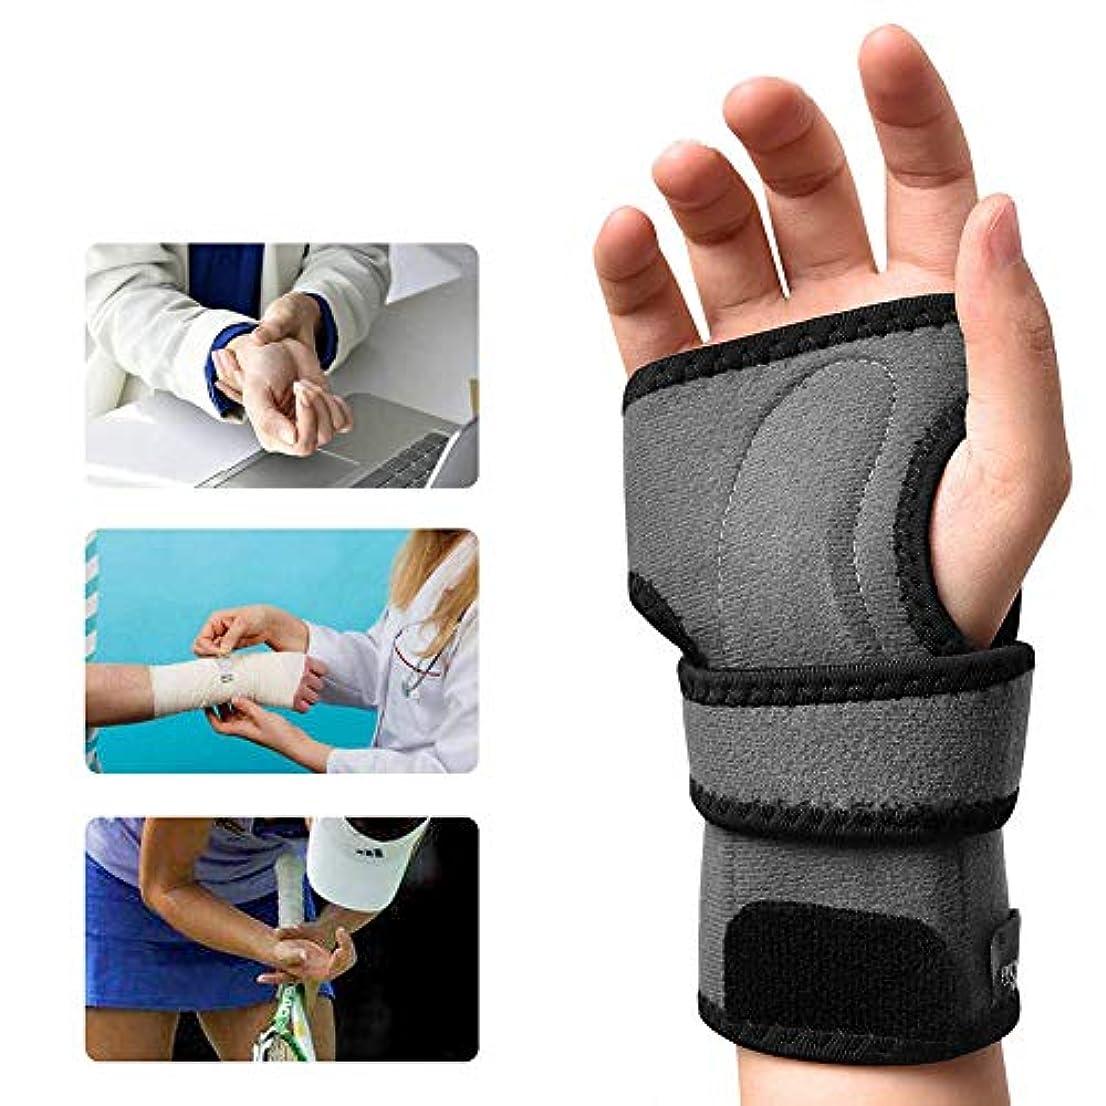 ねじれギャラリー期待手首 固定 サポーター 、手根管副木シリコンパームパッド痛み緩和、腱炎捻rain男性と女性の関節炎,Right,M